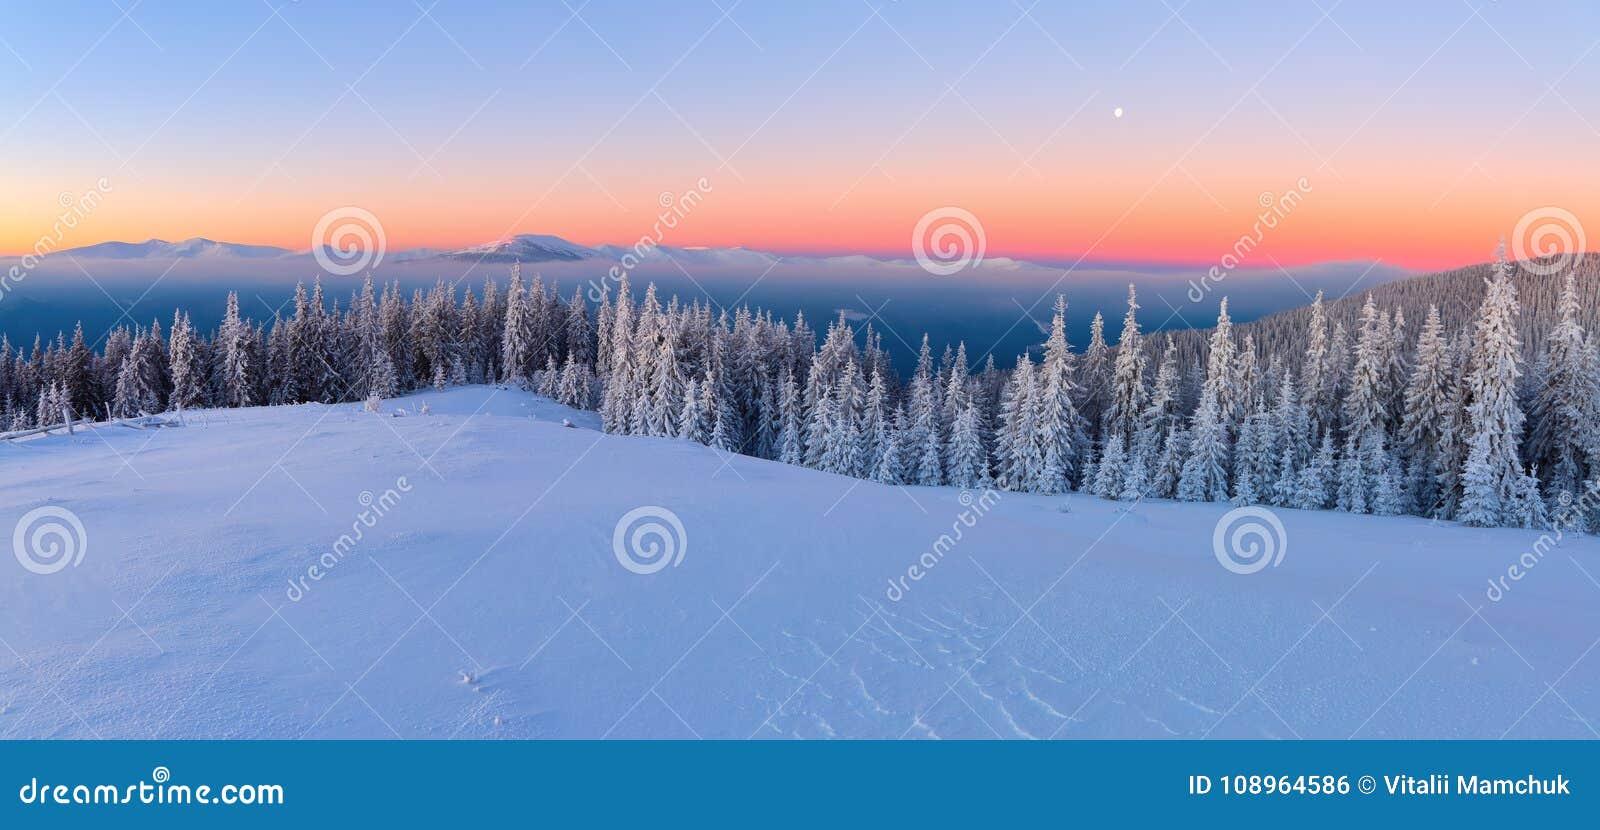 Van het gazon, met sneeuw wordt behandeld, een panorama van behandeld met vorstbomen, mist, lange, steile bergen die